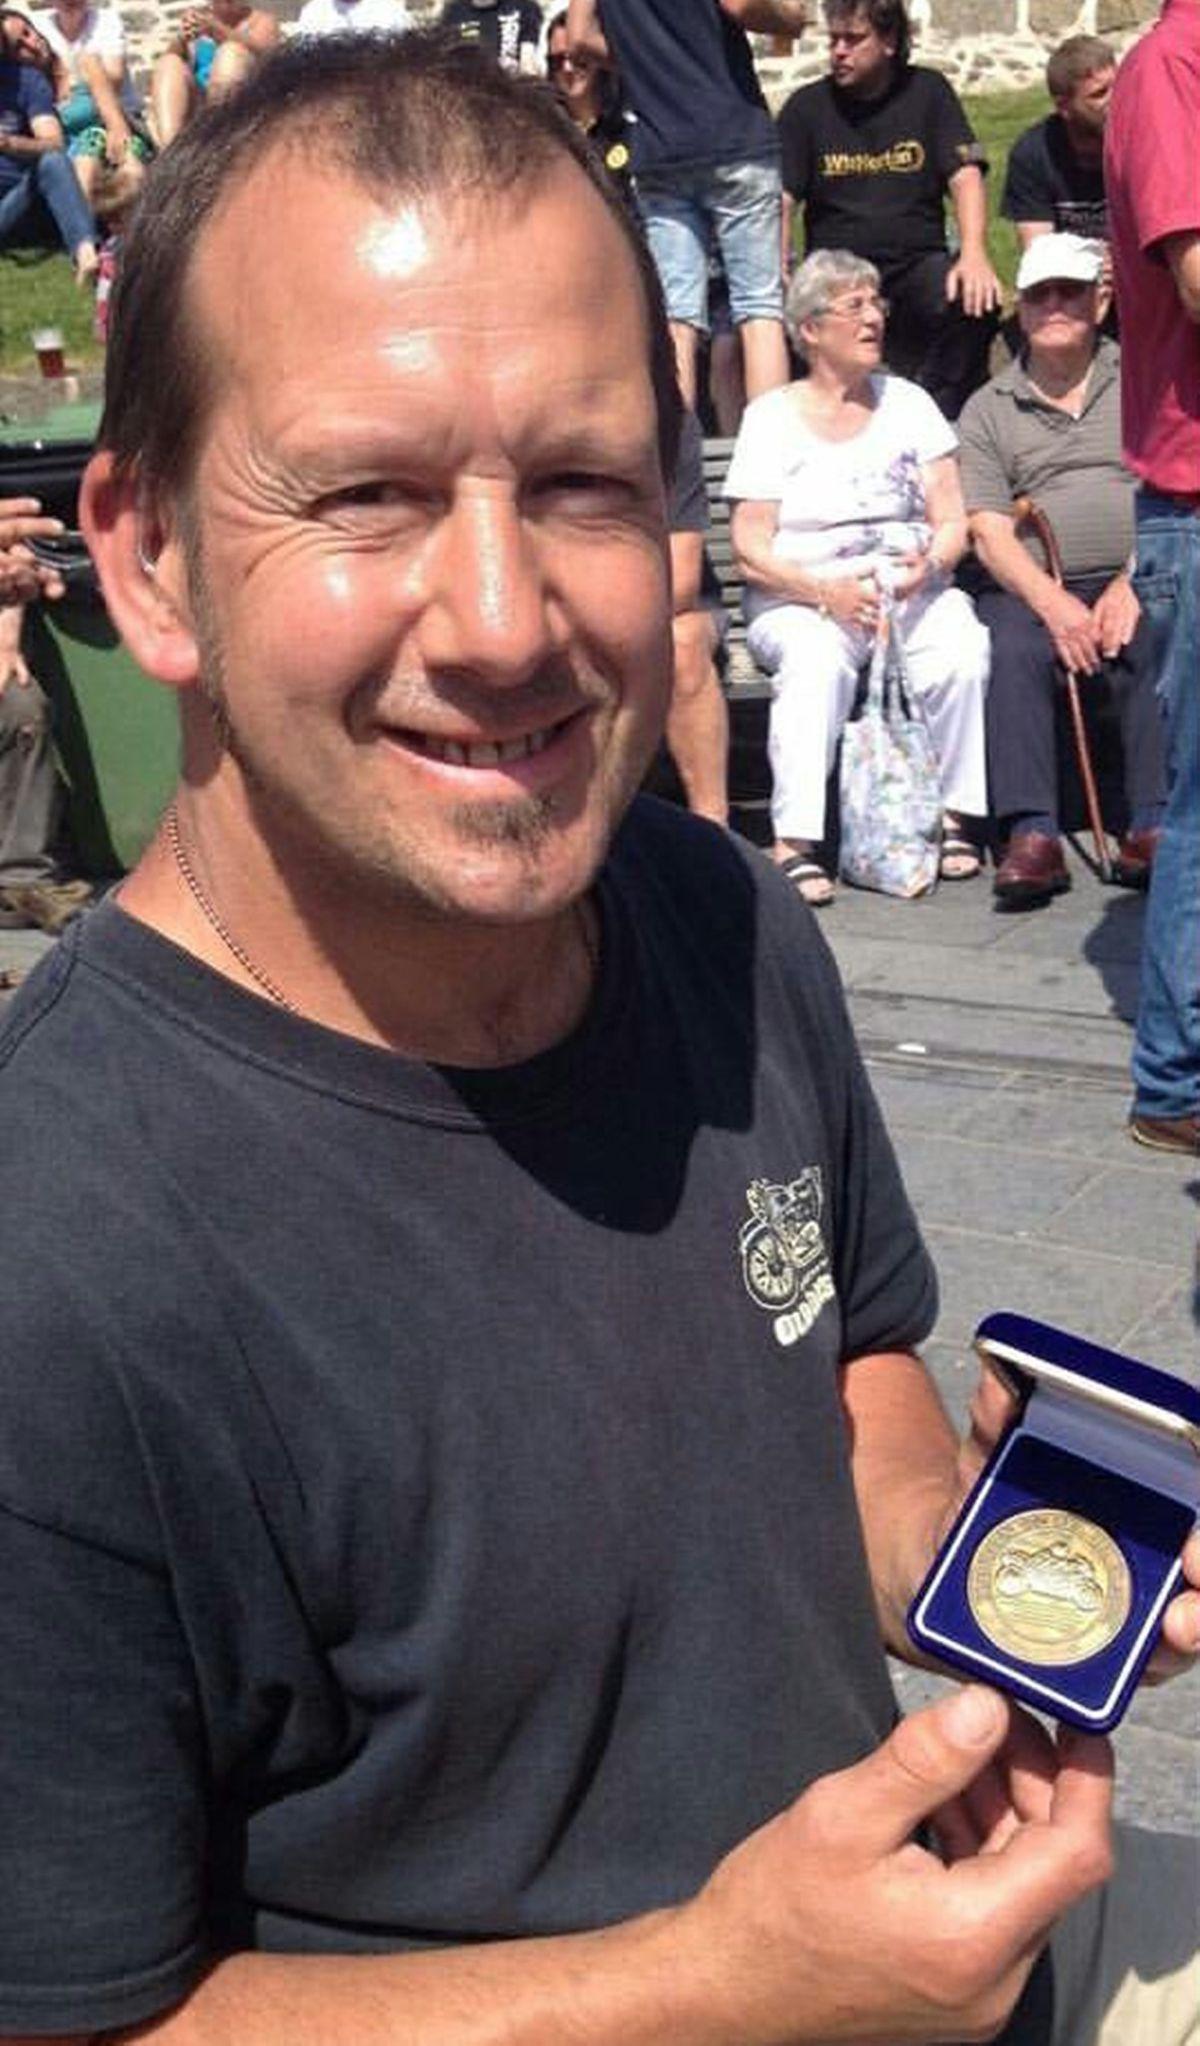 Neil Lloyd, aged 49